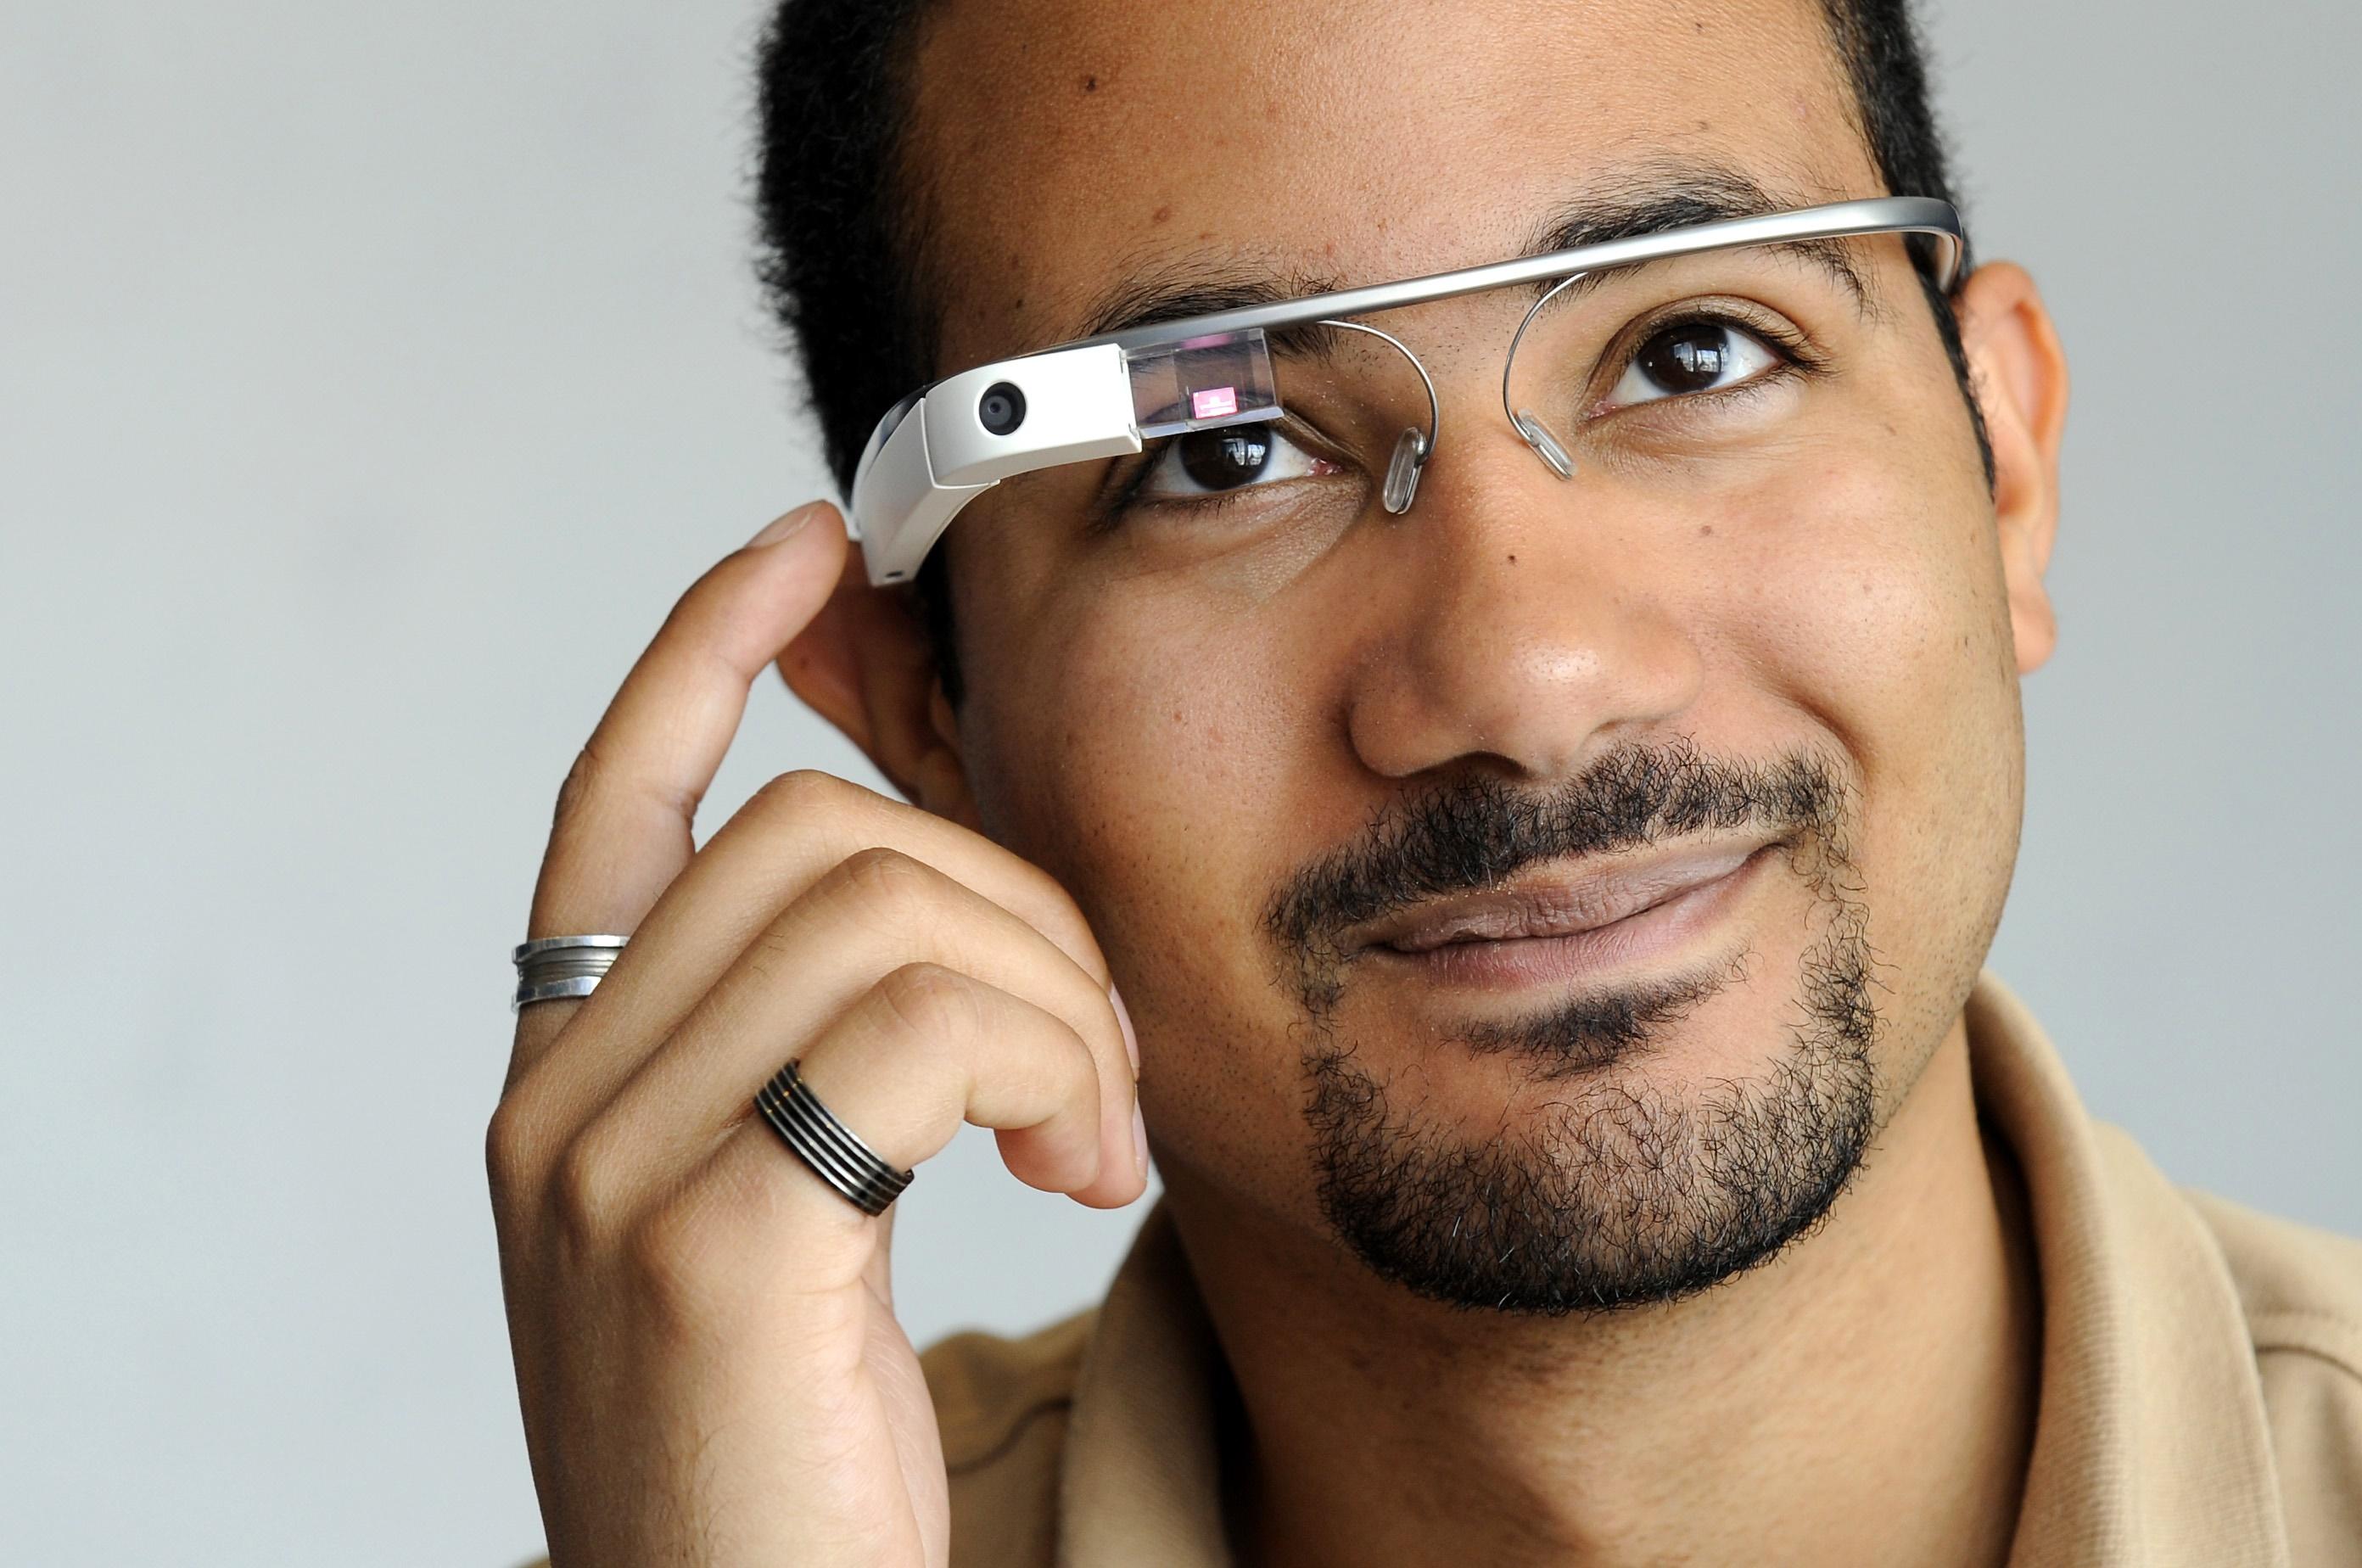 Google Glass Shuffled to Nest as Explorer Program Abandoned